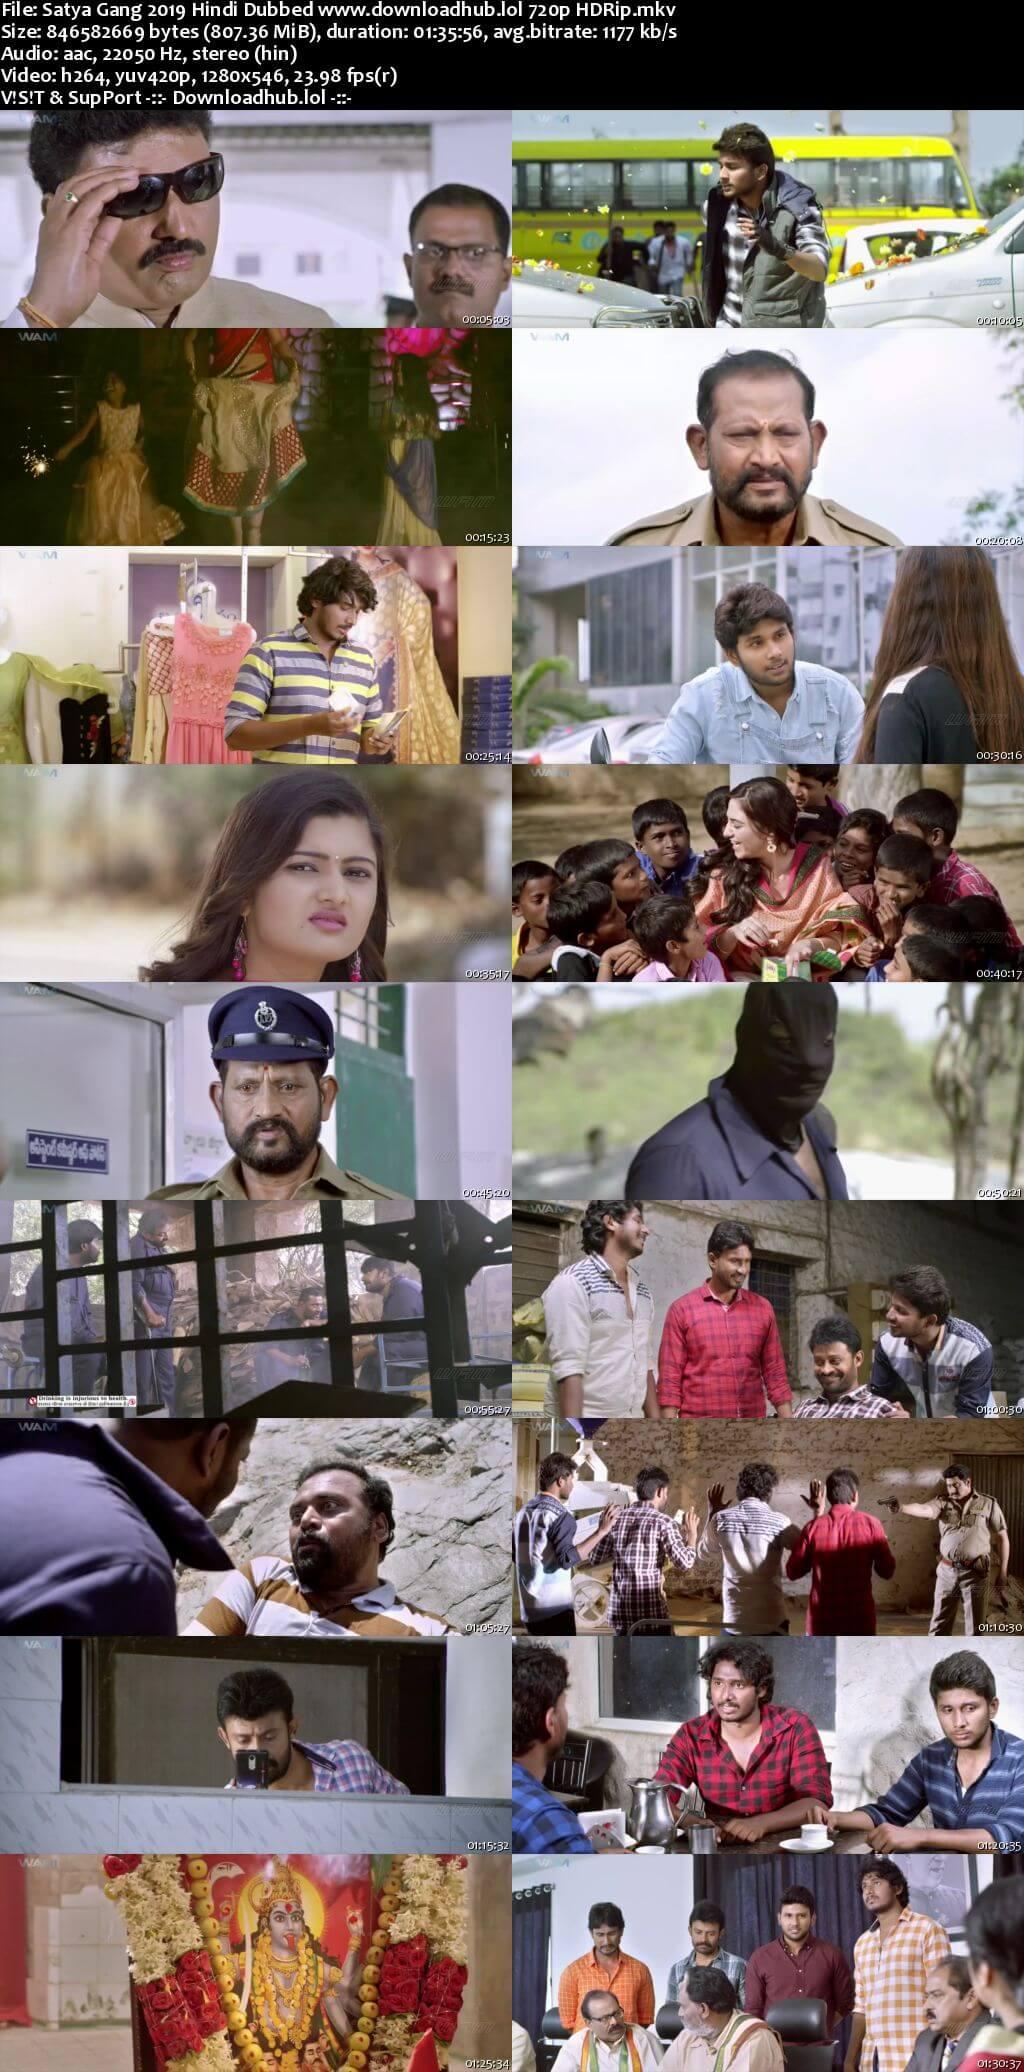 Satya Gang 2019 Hindi Dubbed 720p HDRip x264